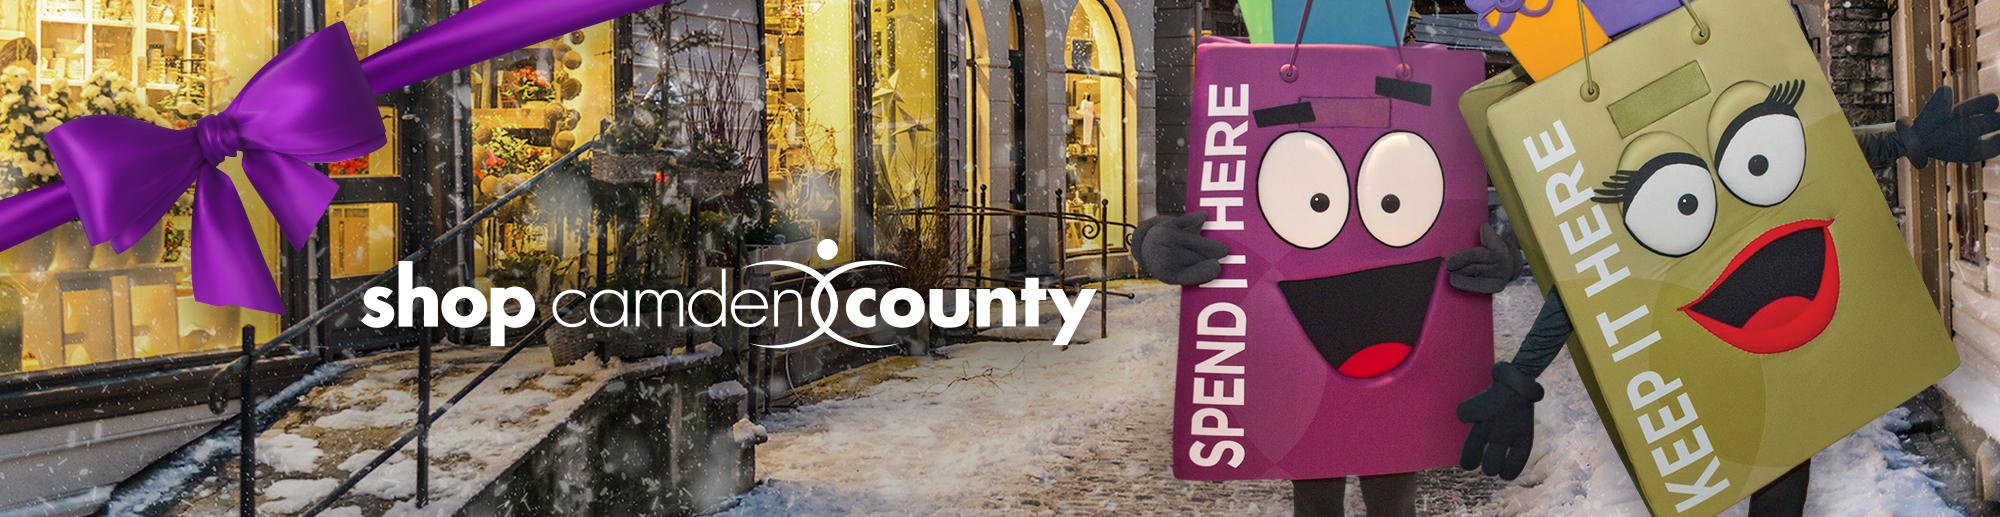 Shop Camden County